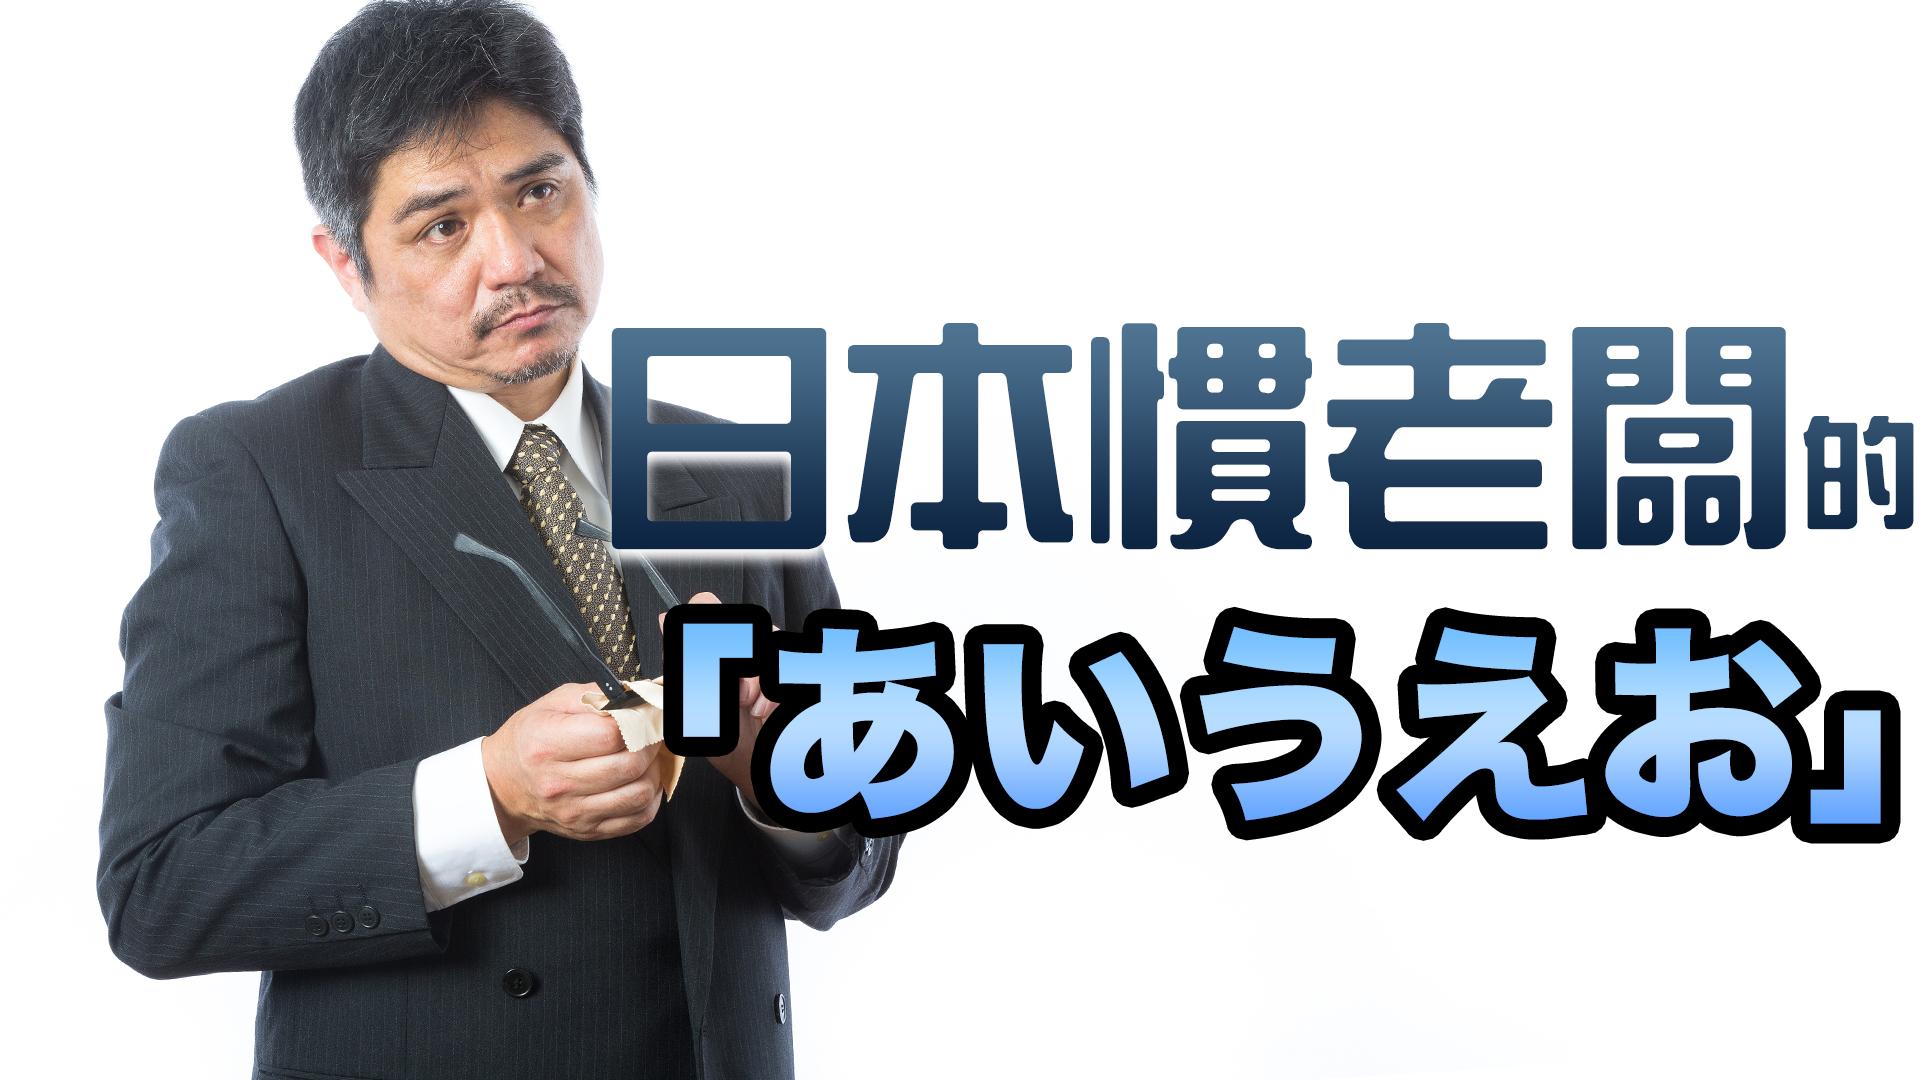 日本慣老闆的「あいうえお」——超實用日文例句集/日本のパワハラ上司の「あいうえお」-超実用的な日本語フレーズ